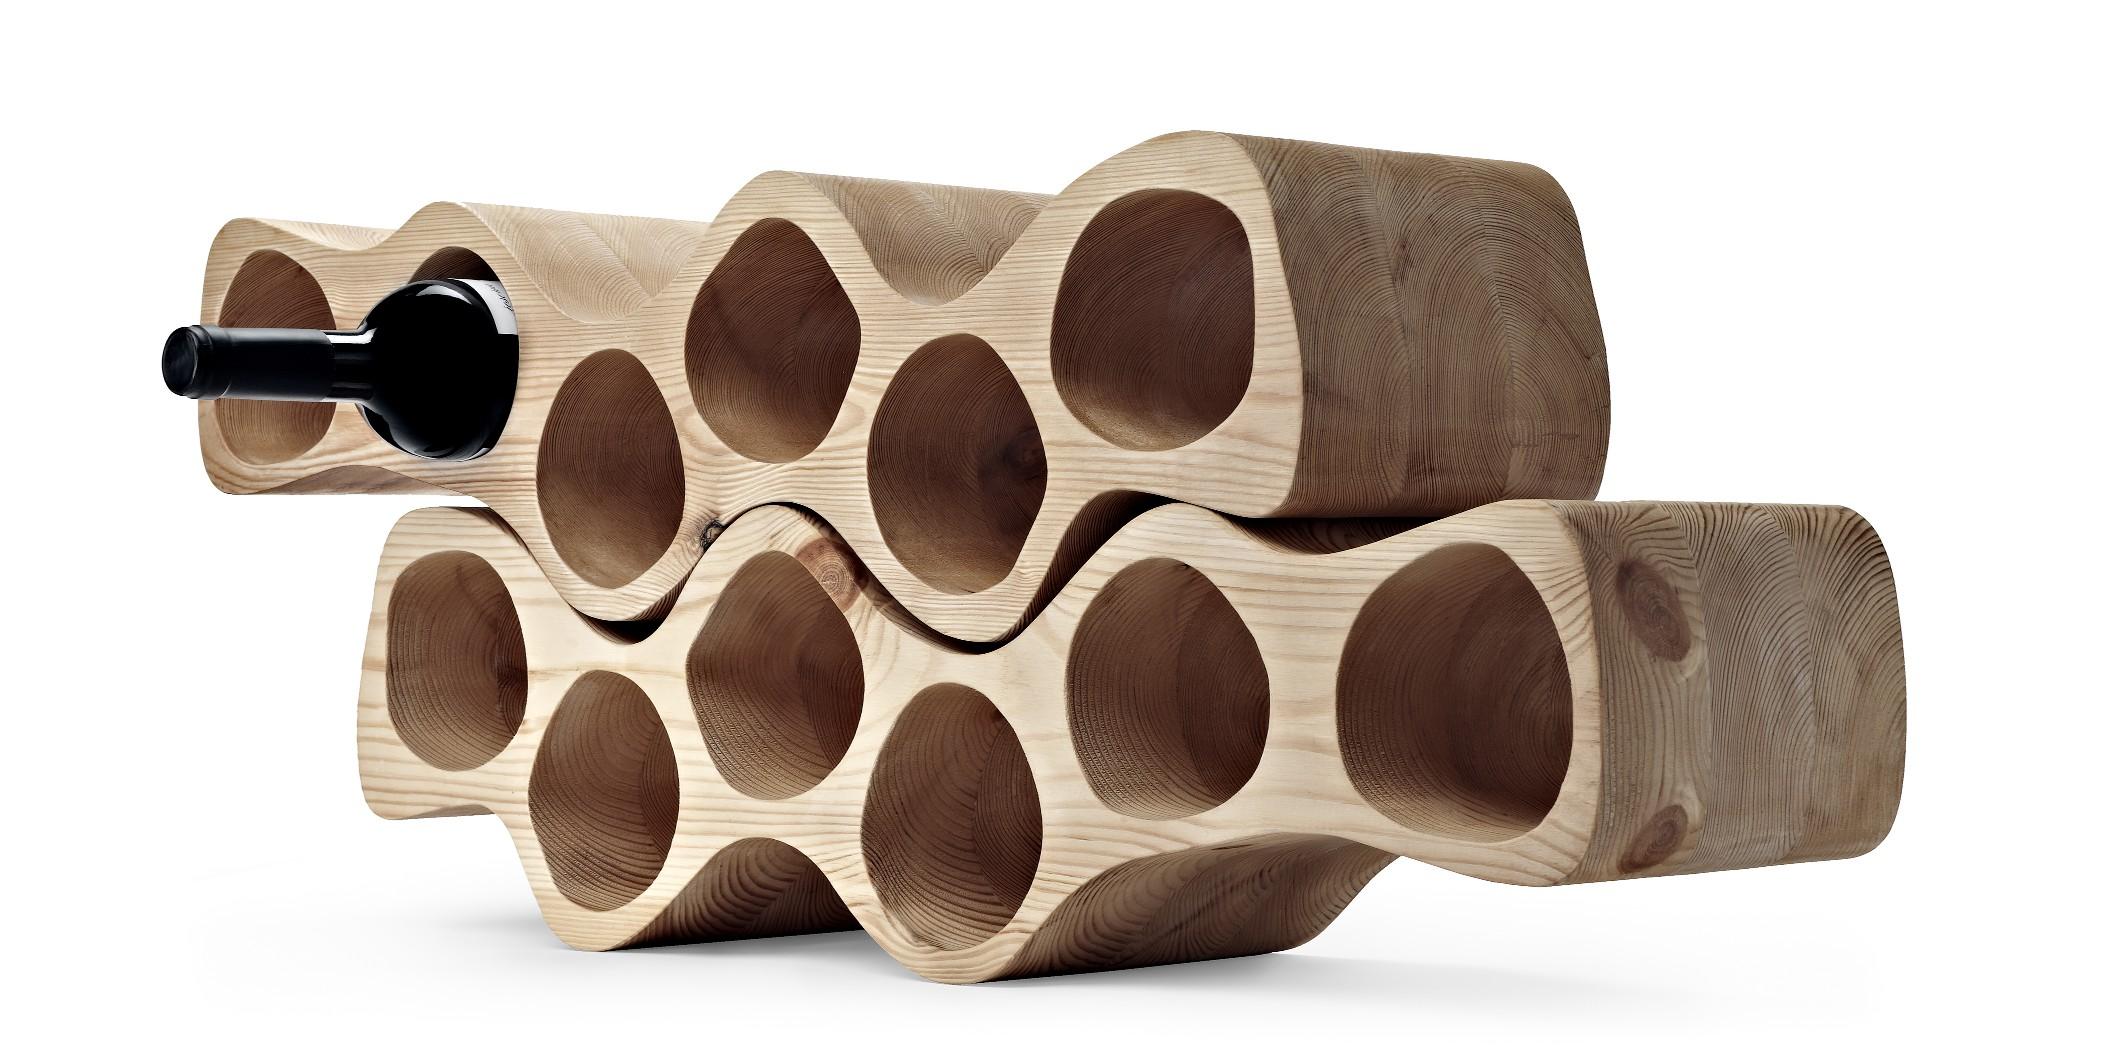 El botellero sinuoso - Botelleros de madera para vino ...